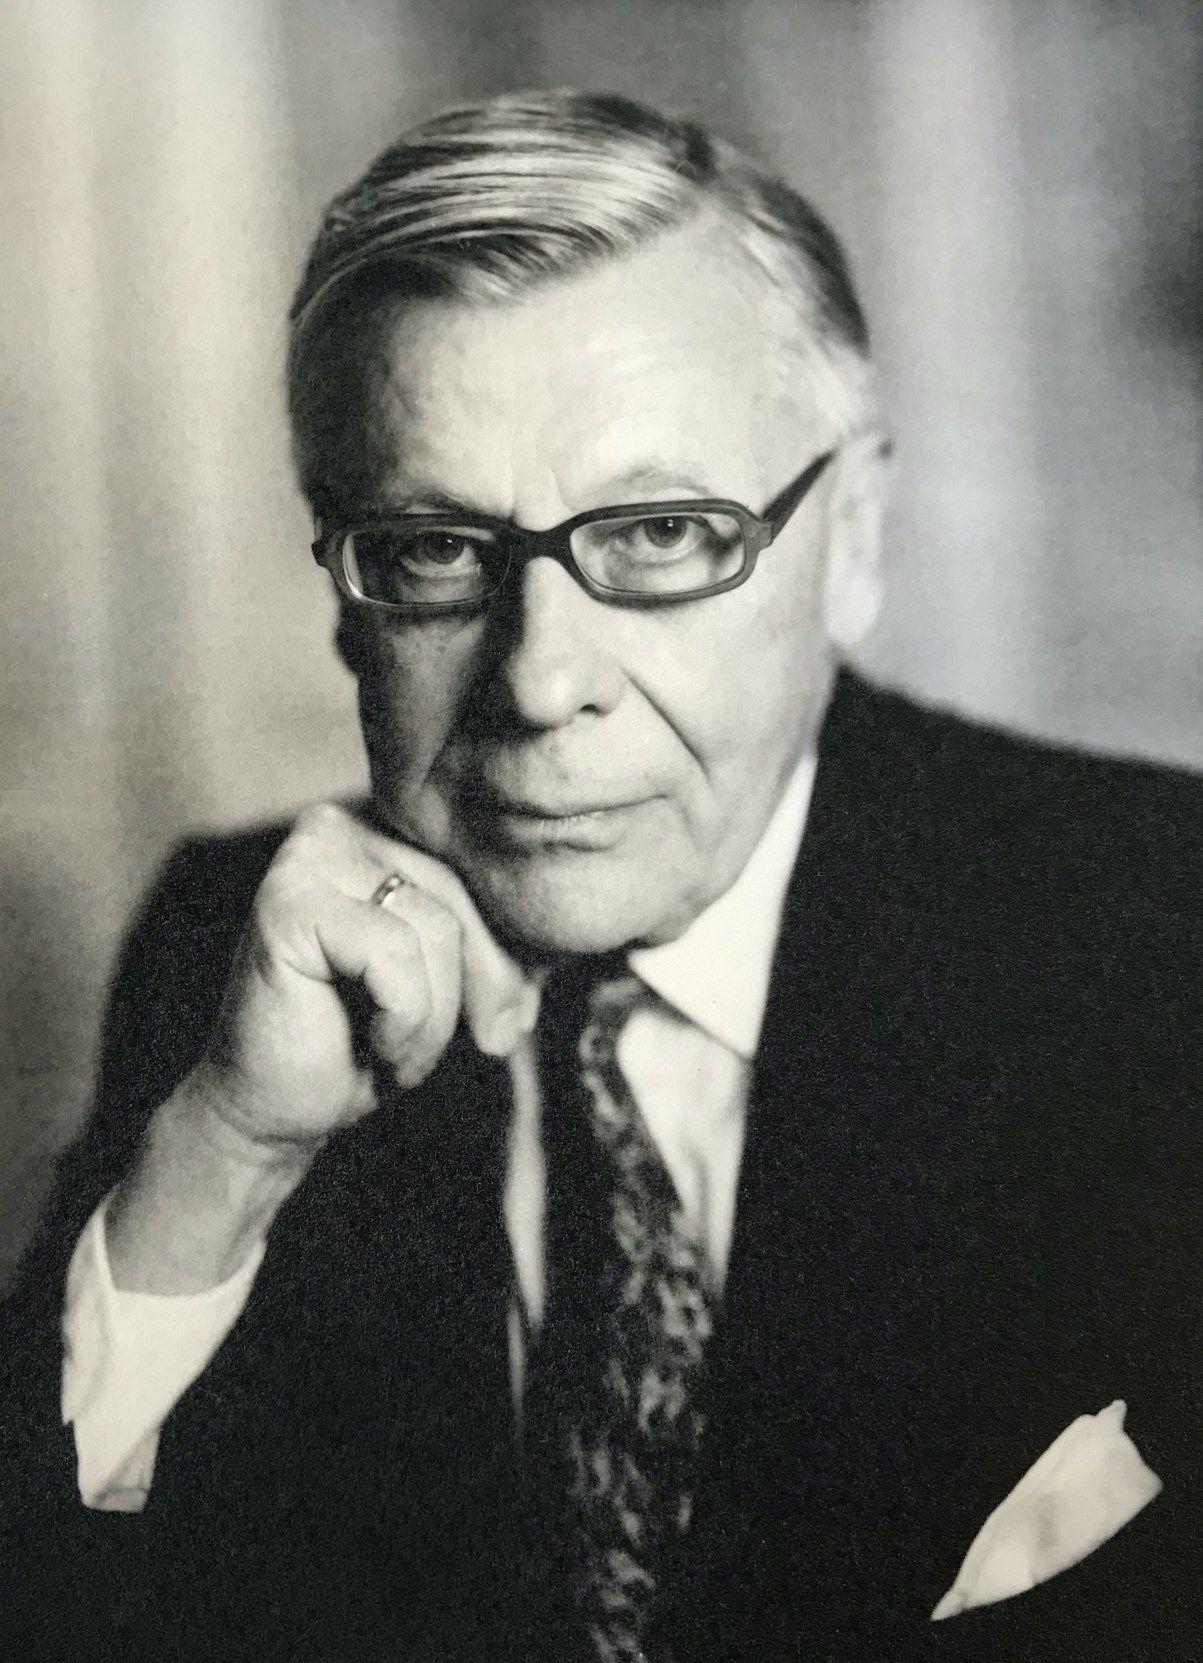 Helmut Wagner, fondatore e presidente onorario del Gruppo REHAU, è mancato domenica 24 gennaio all'età di 95 anni